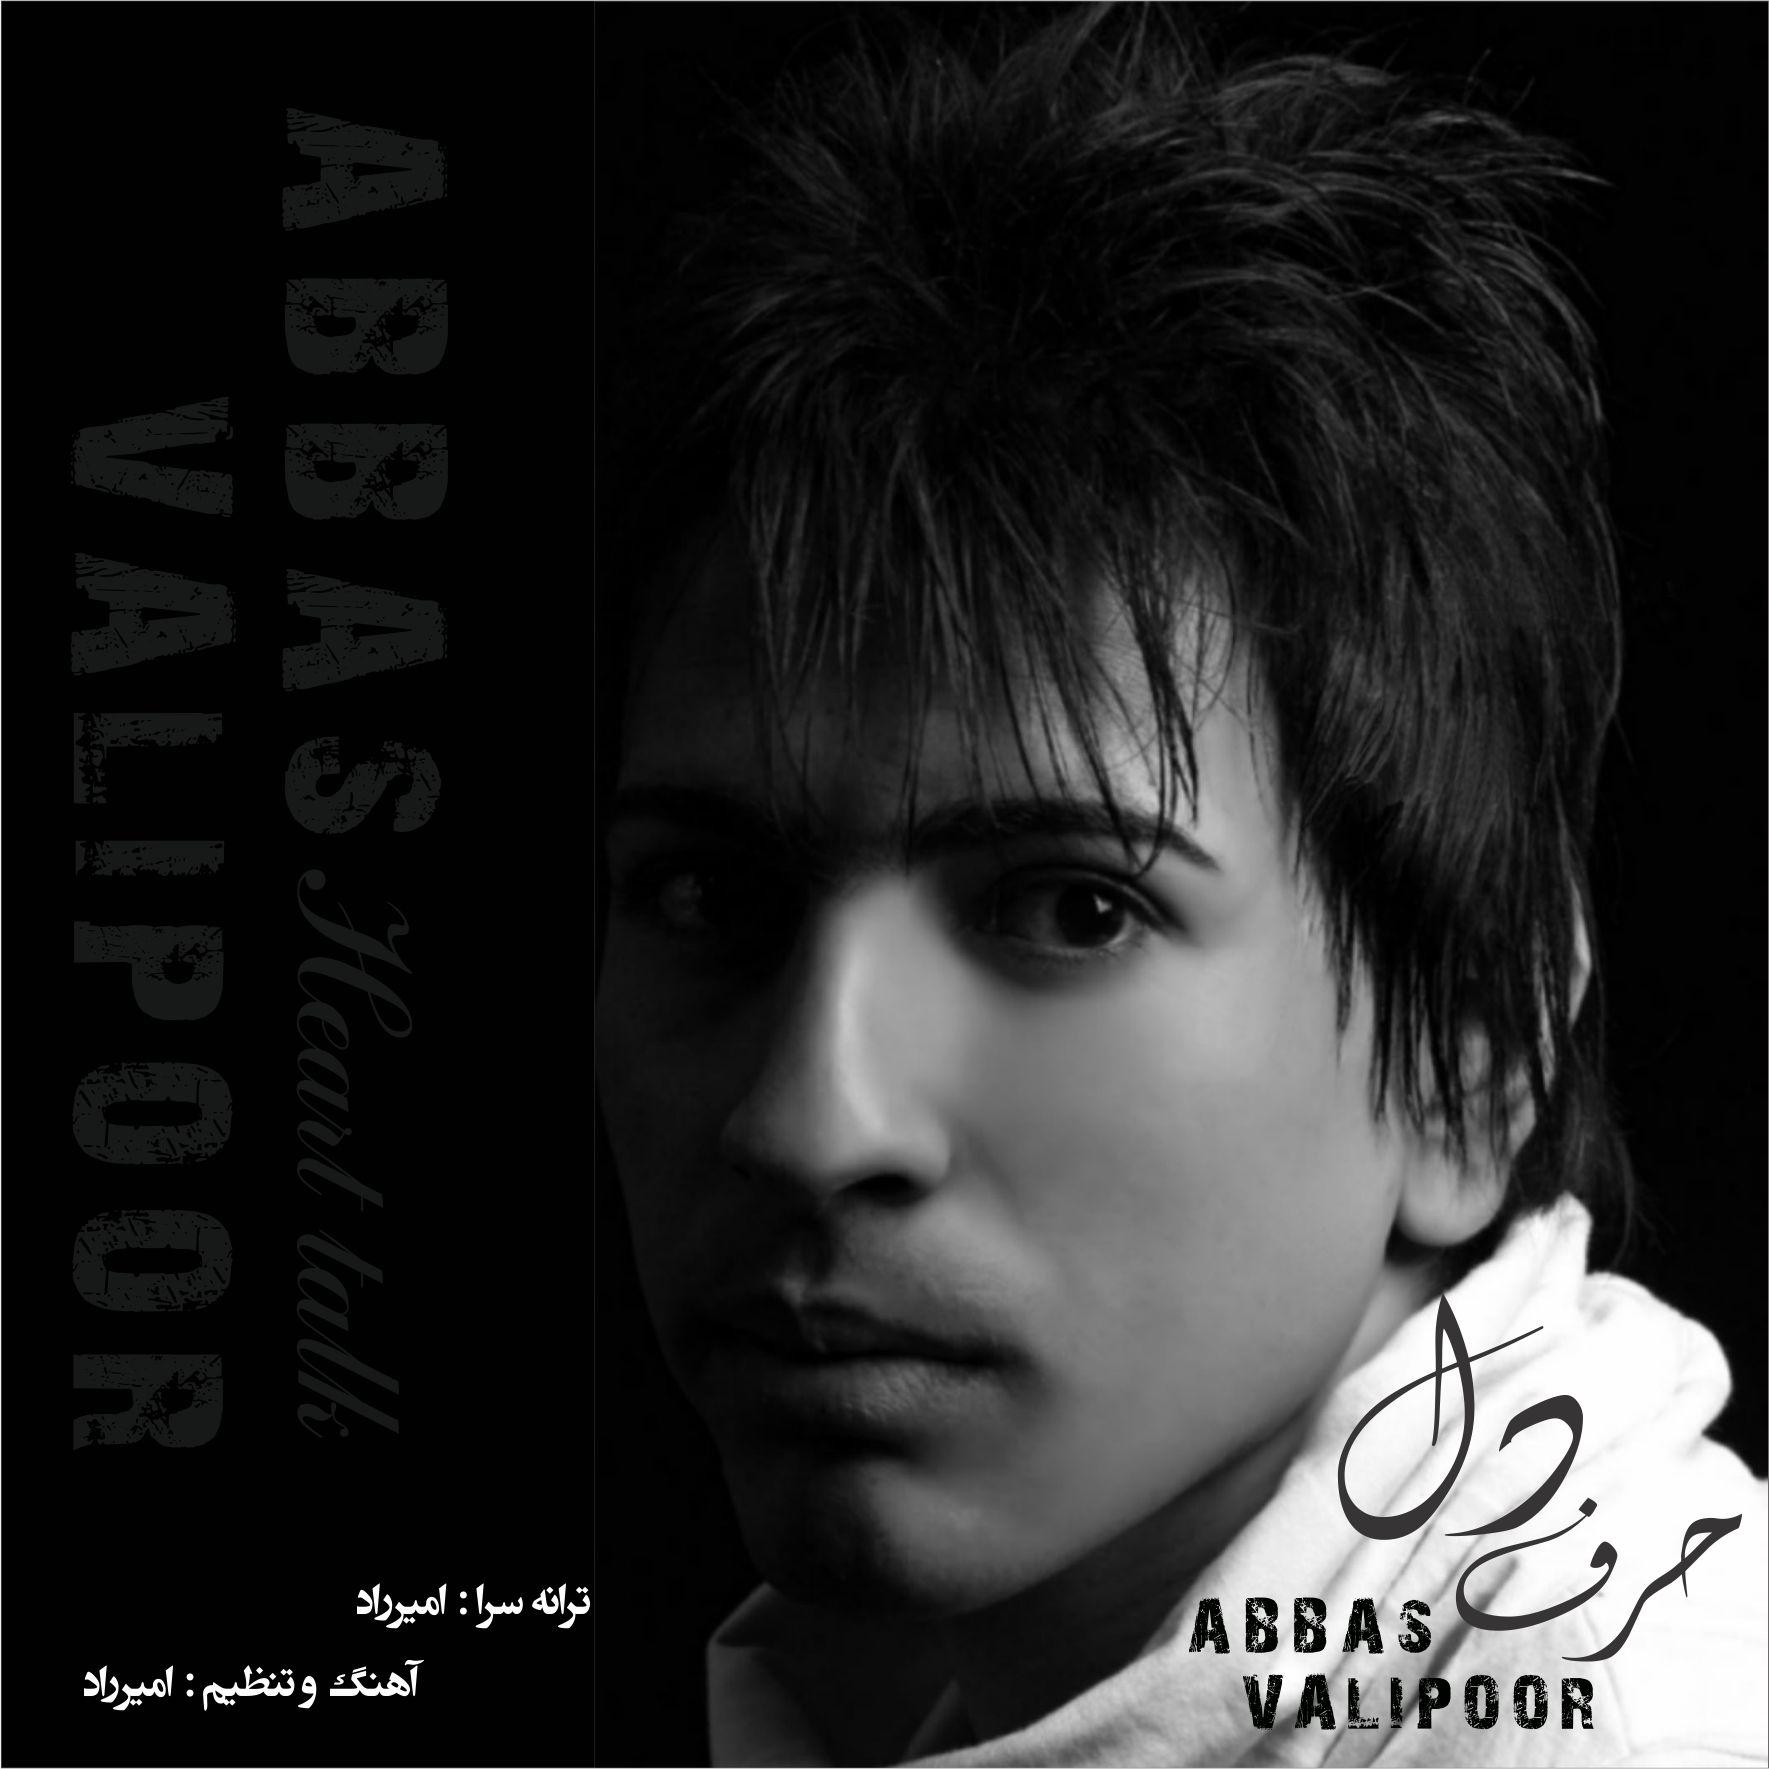 Abbas Valipur – Harfe Del